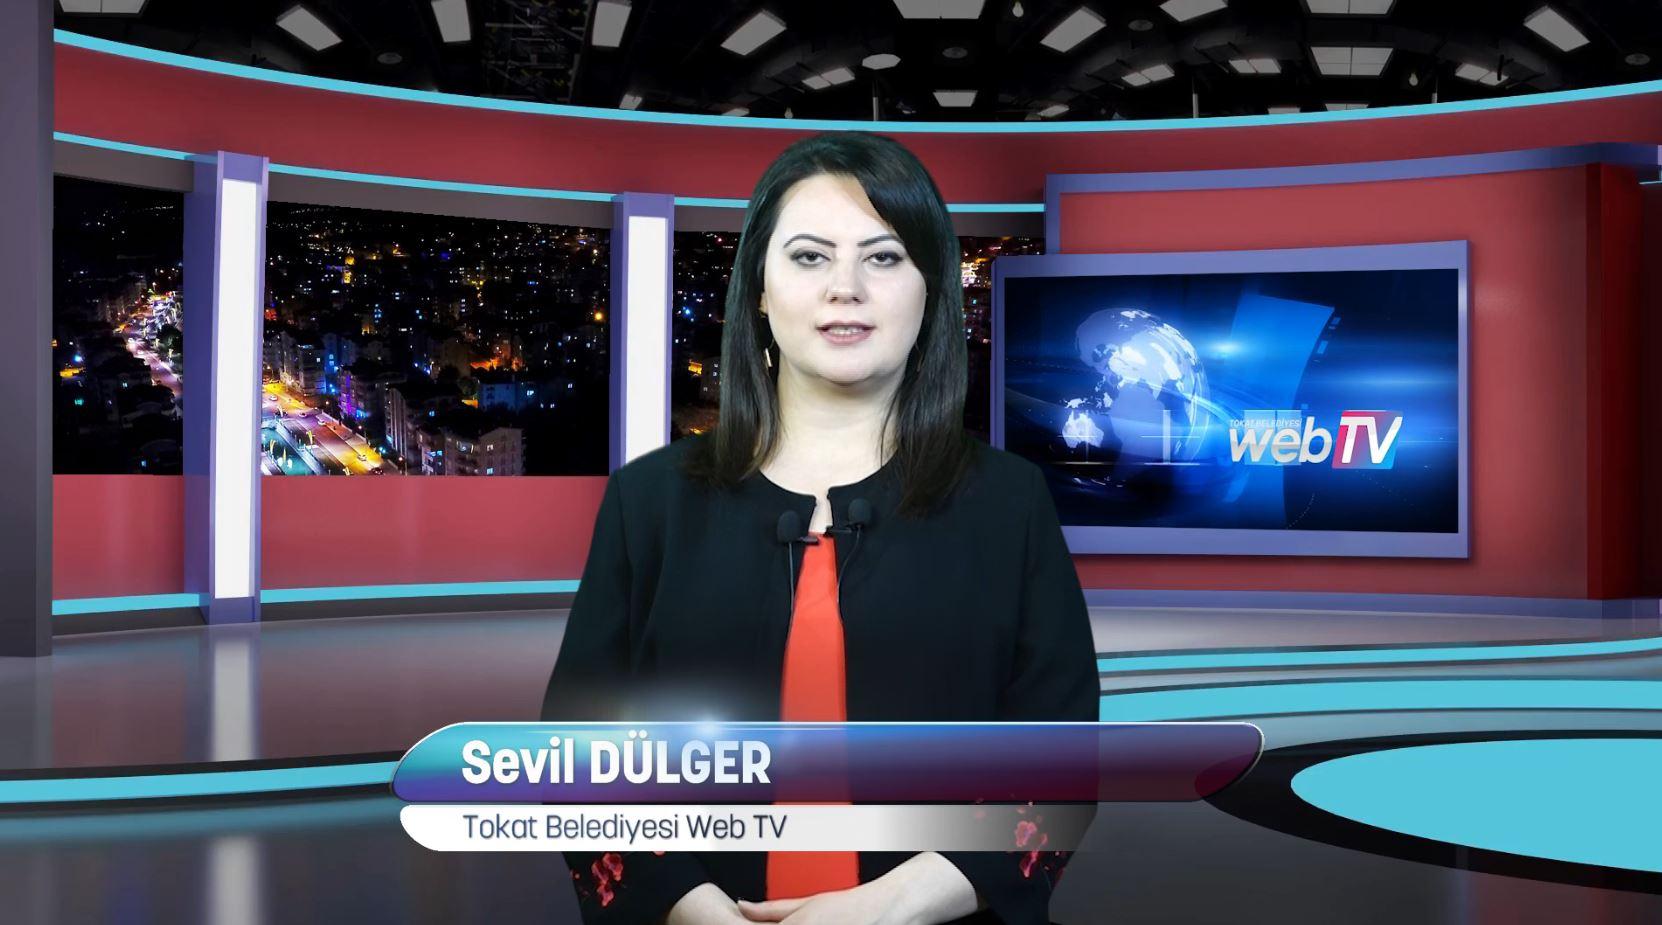 Tokat Belediyesi Web TV Haftalık Haber Bülteni (22-27 Ocak 2018)